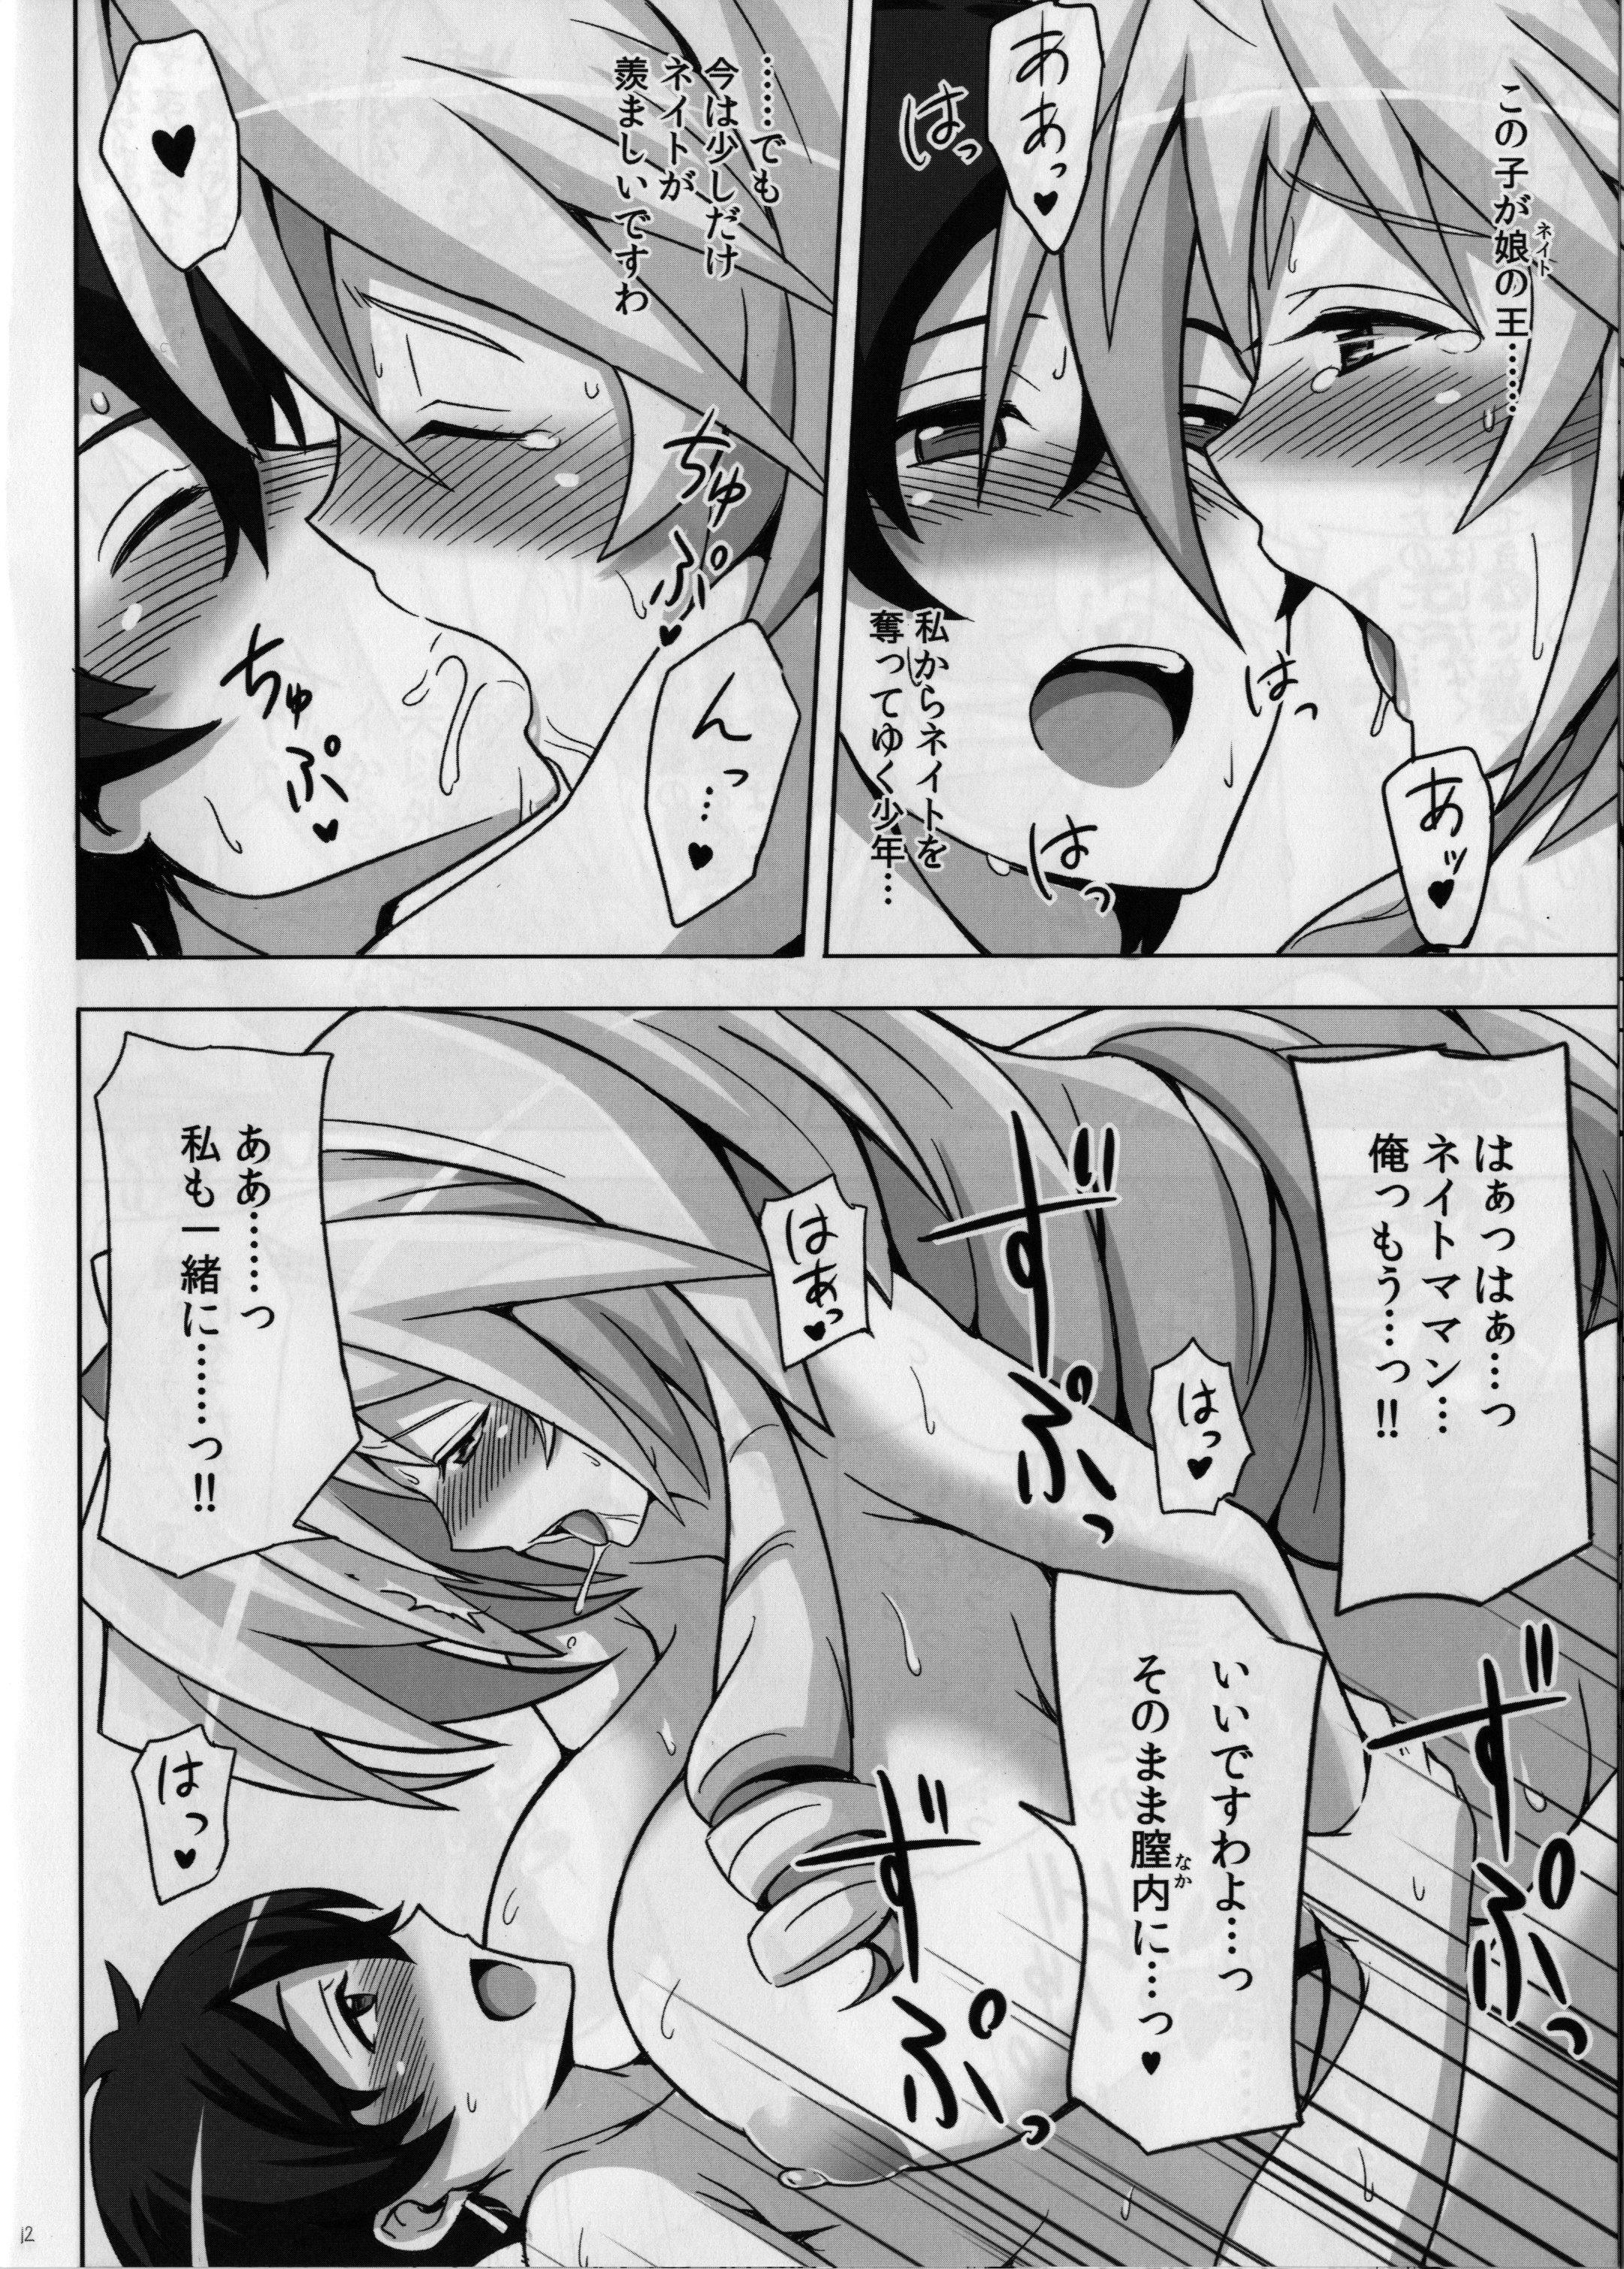 【エロ漫画】爆乳人妻ネイトママの激しいパイズリに生膣味わって中出ししちゃいましたwwwww